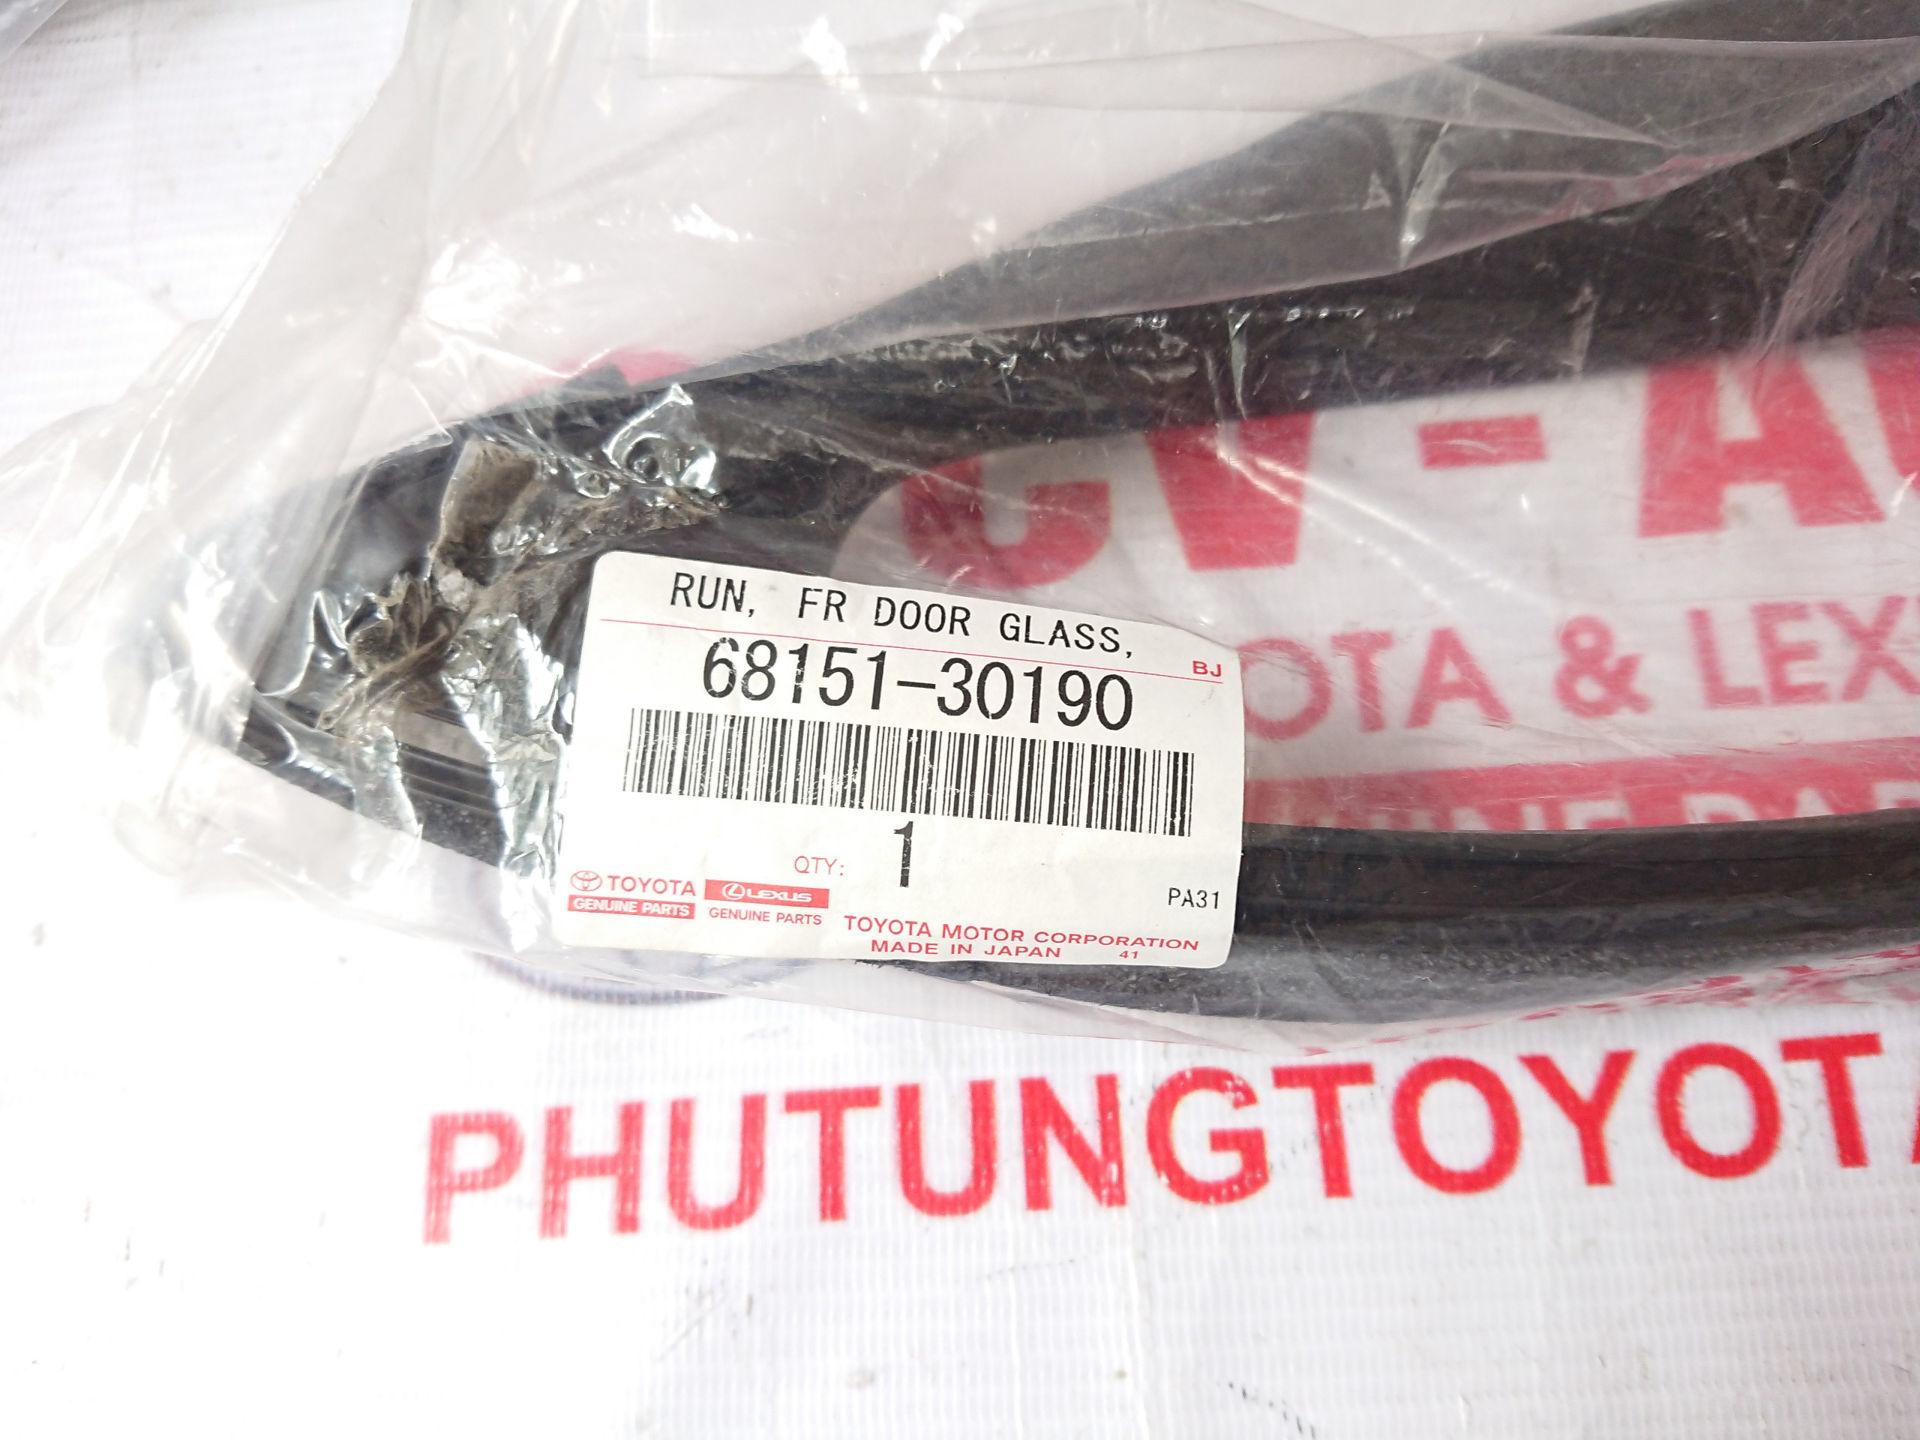 Picture of 68151-30190 Gioăng lên kính cửa trước bên lái Lexus GS300/350